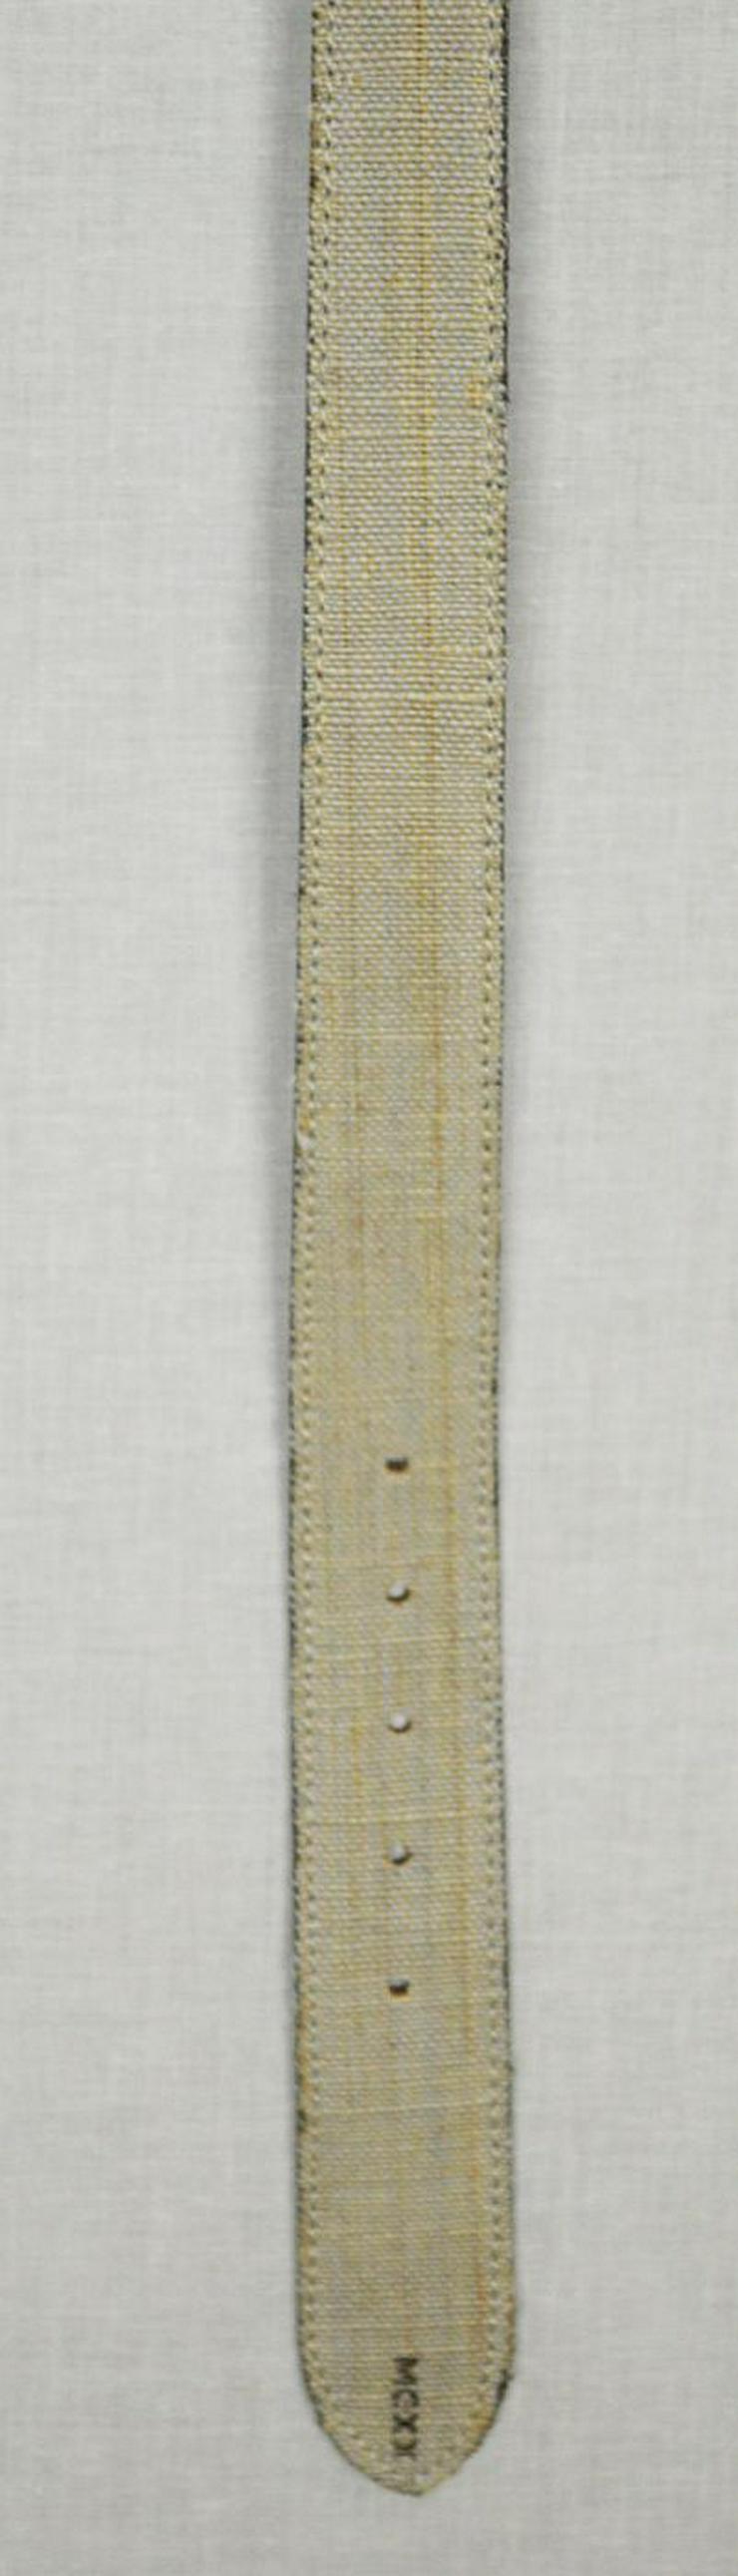 Bild 3: Mexx Damen Gürtel 100 cm Marken Gürtel 49111500